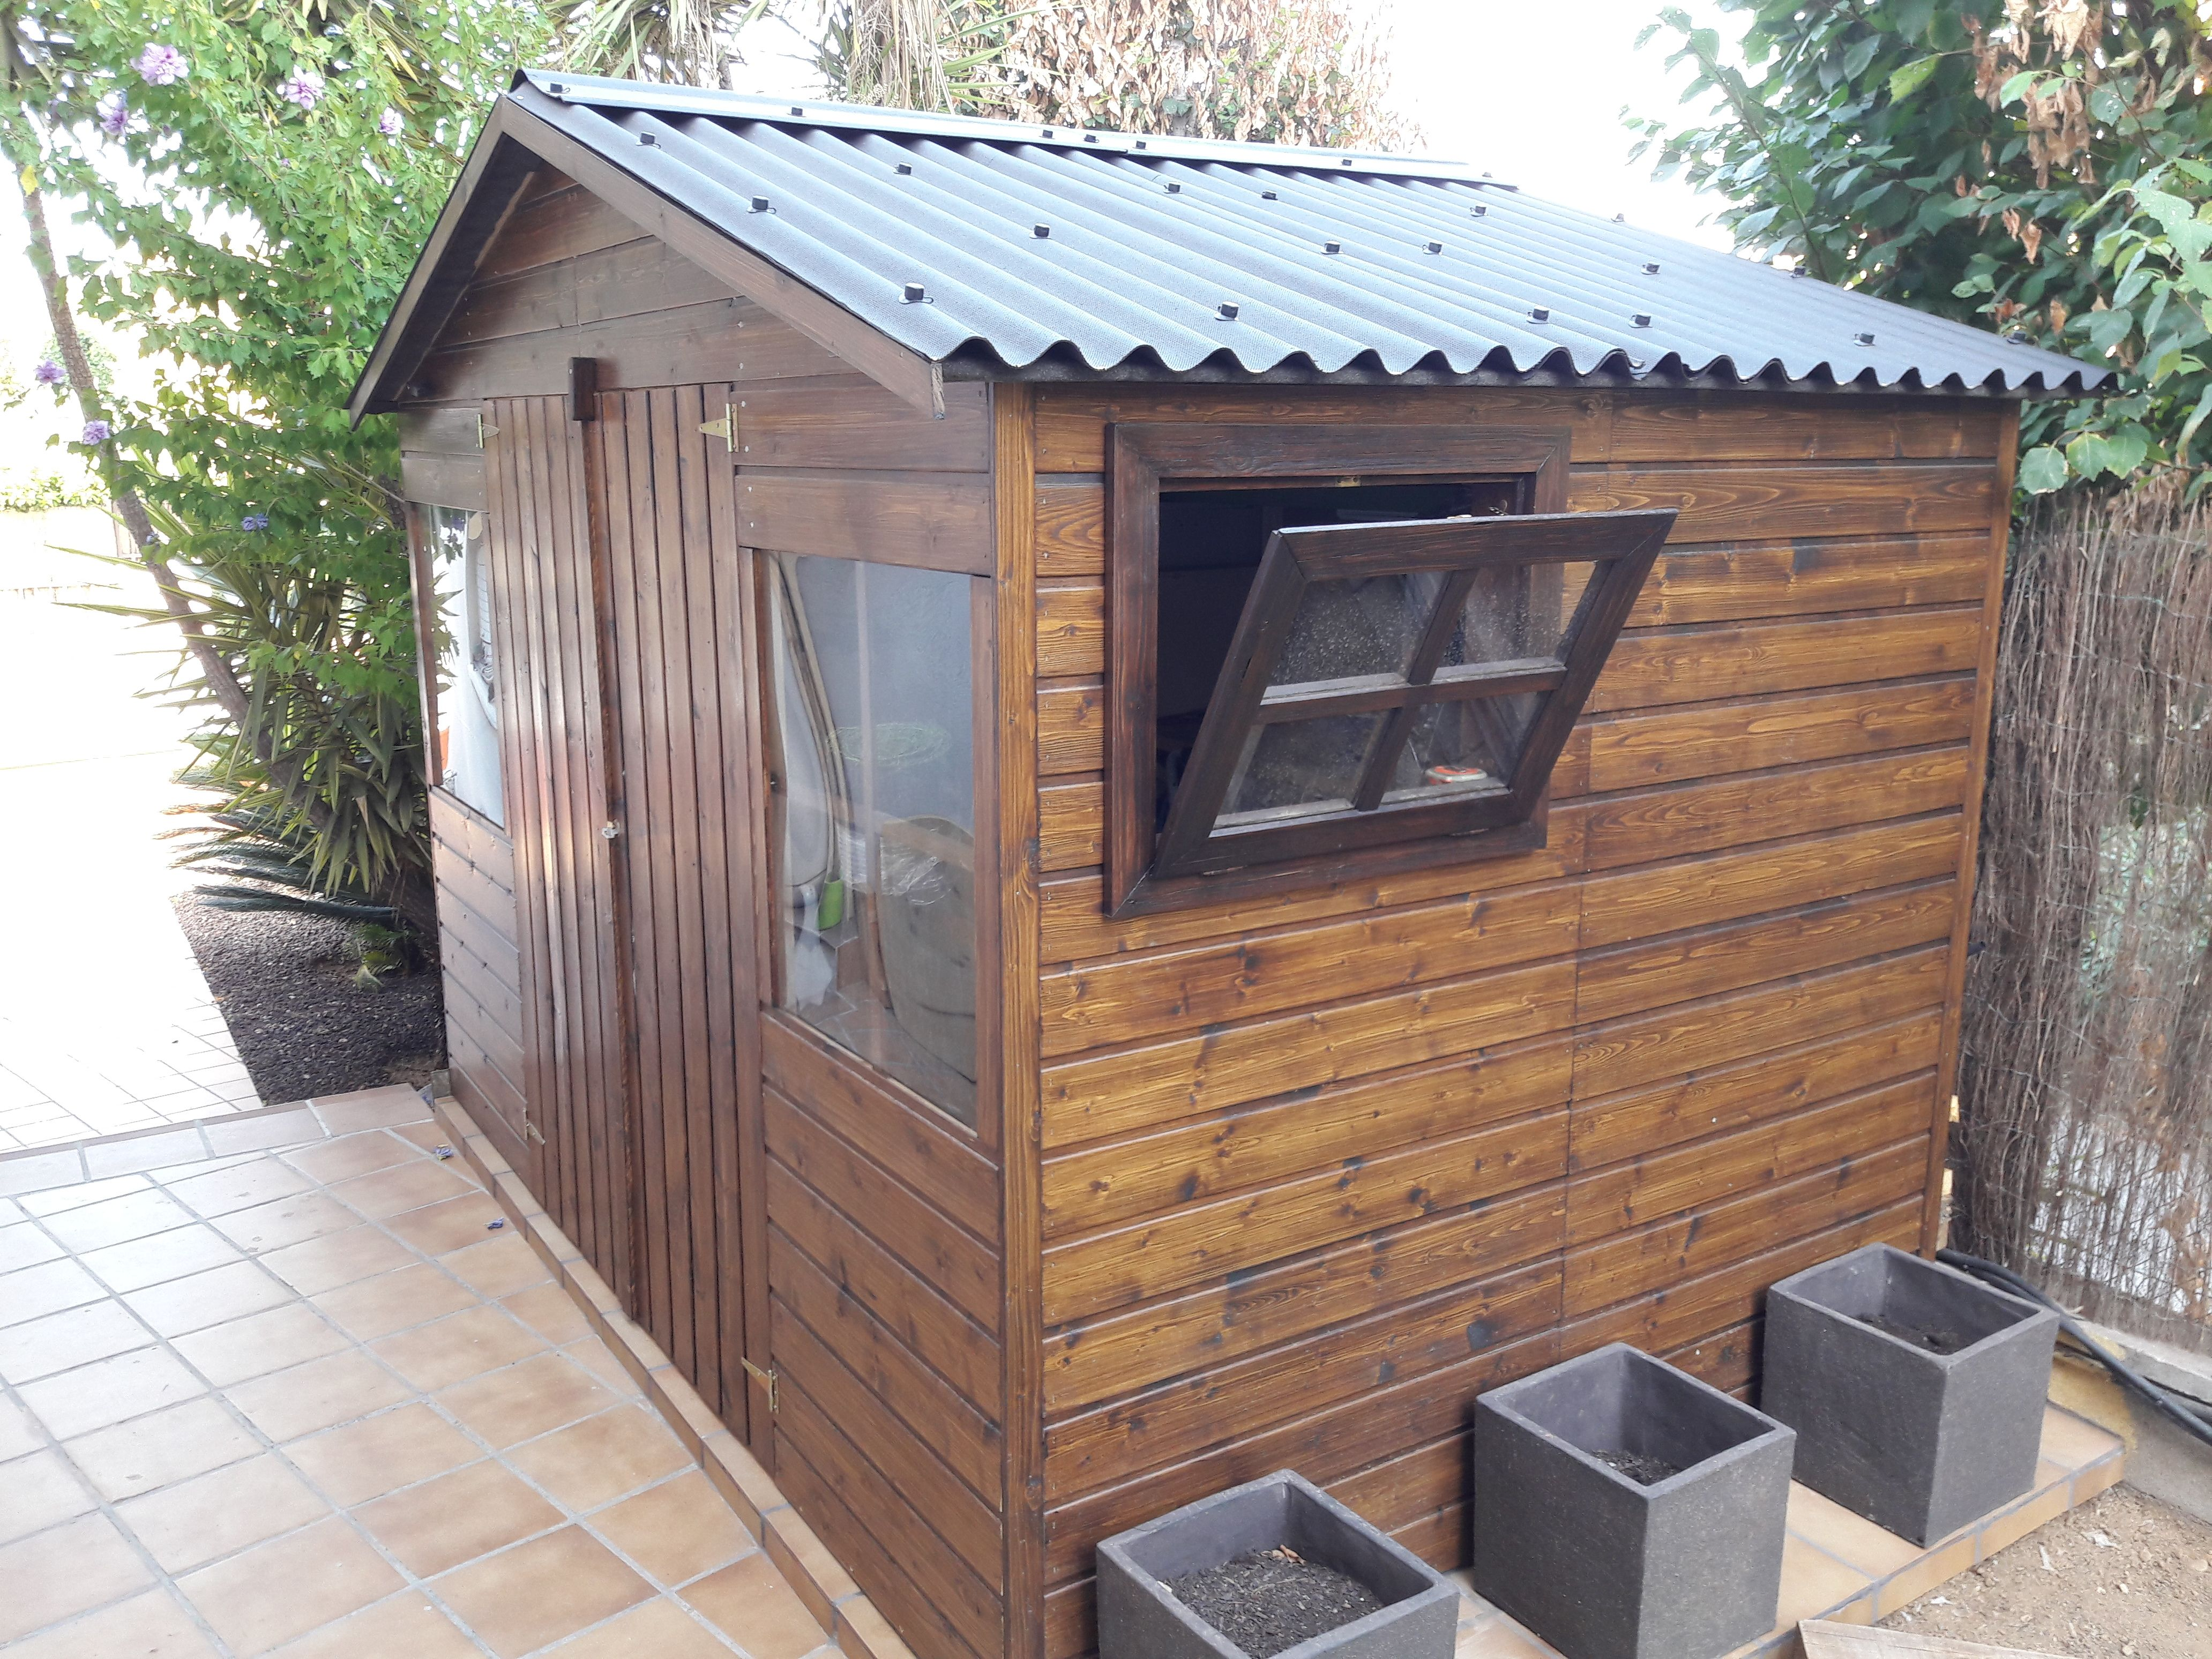 Caseta de madera Fresno personalizada con techo asf ltico y